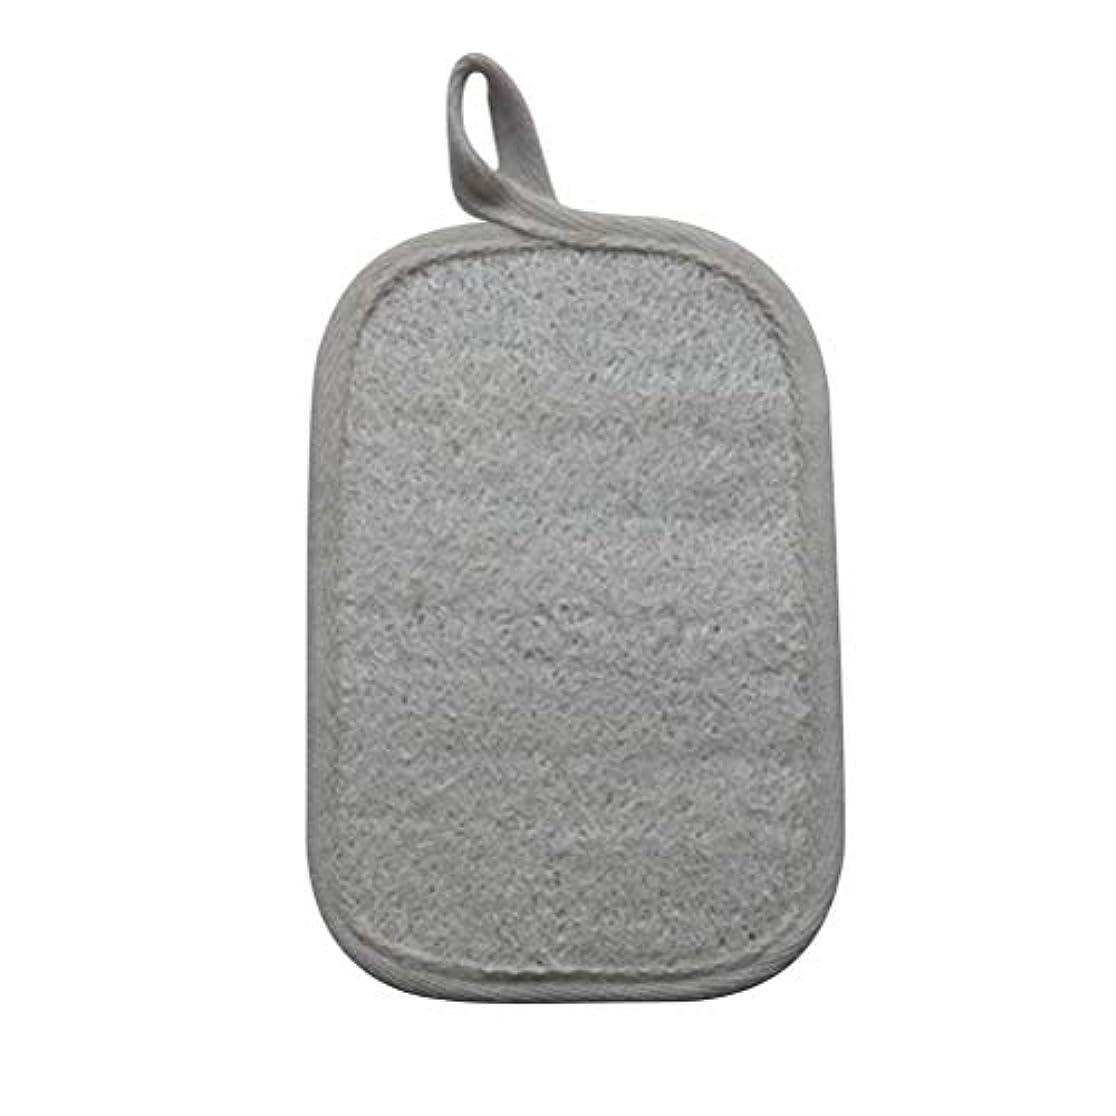 鎮静剤部族フレットHealifty シャワーのための自然なLoofahのスポンジパッドの風呂の剥離のスポンジのスクラバーのブラシ